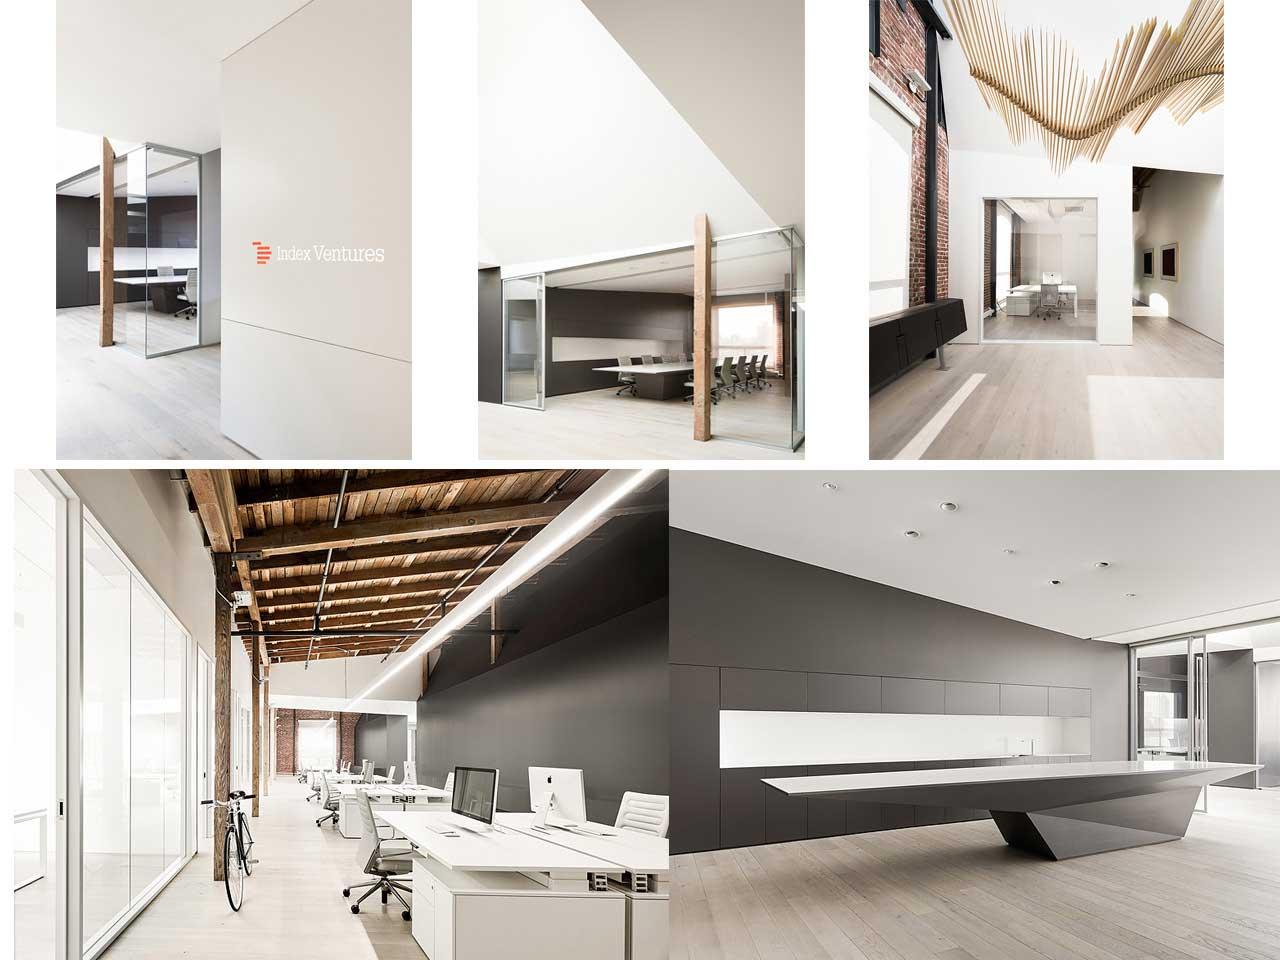 Conoces los beneficios de decorar oficinas verdes for Mobiliario para oficinas modernas